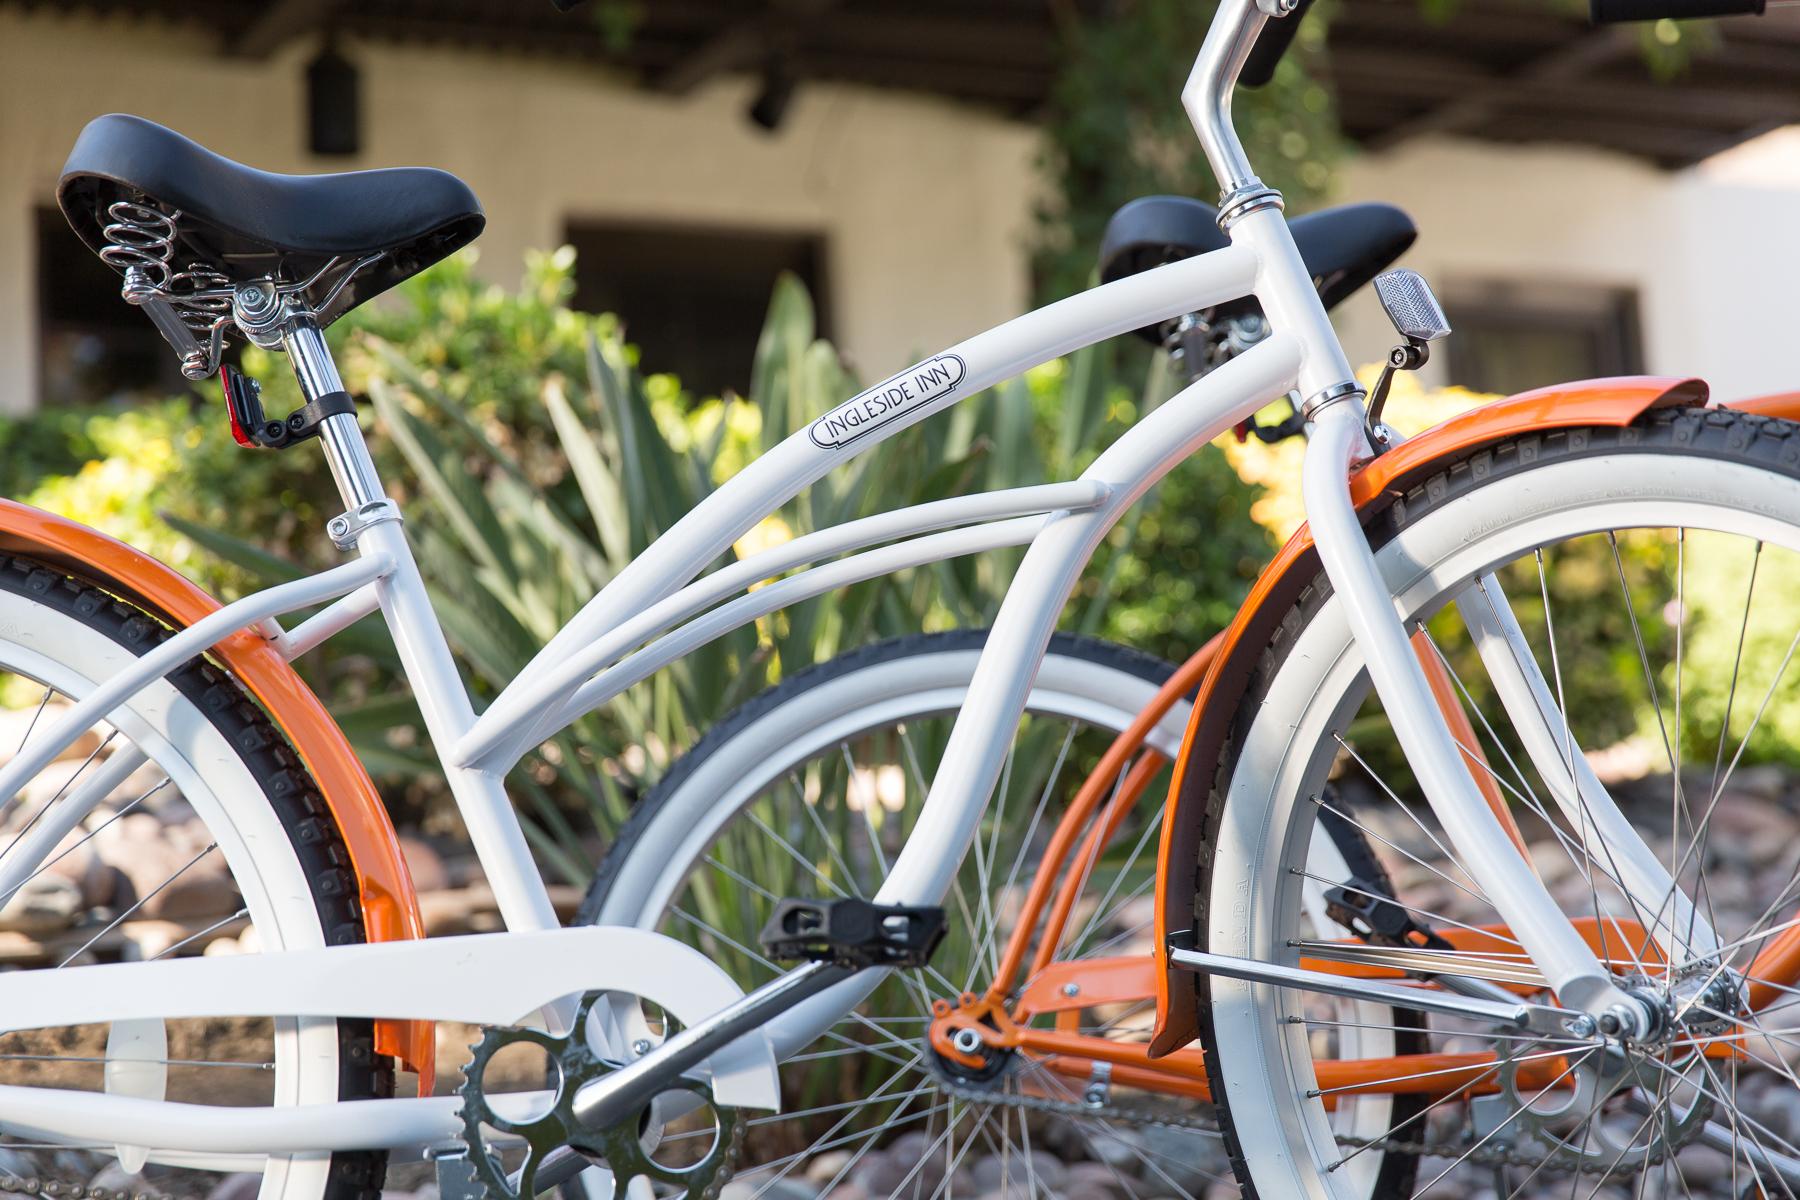 1710-Ingleside Bikes-5.jpg